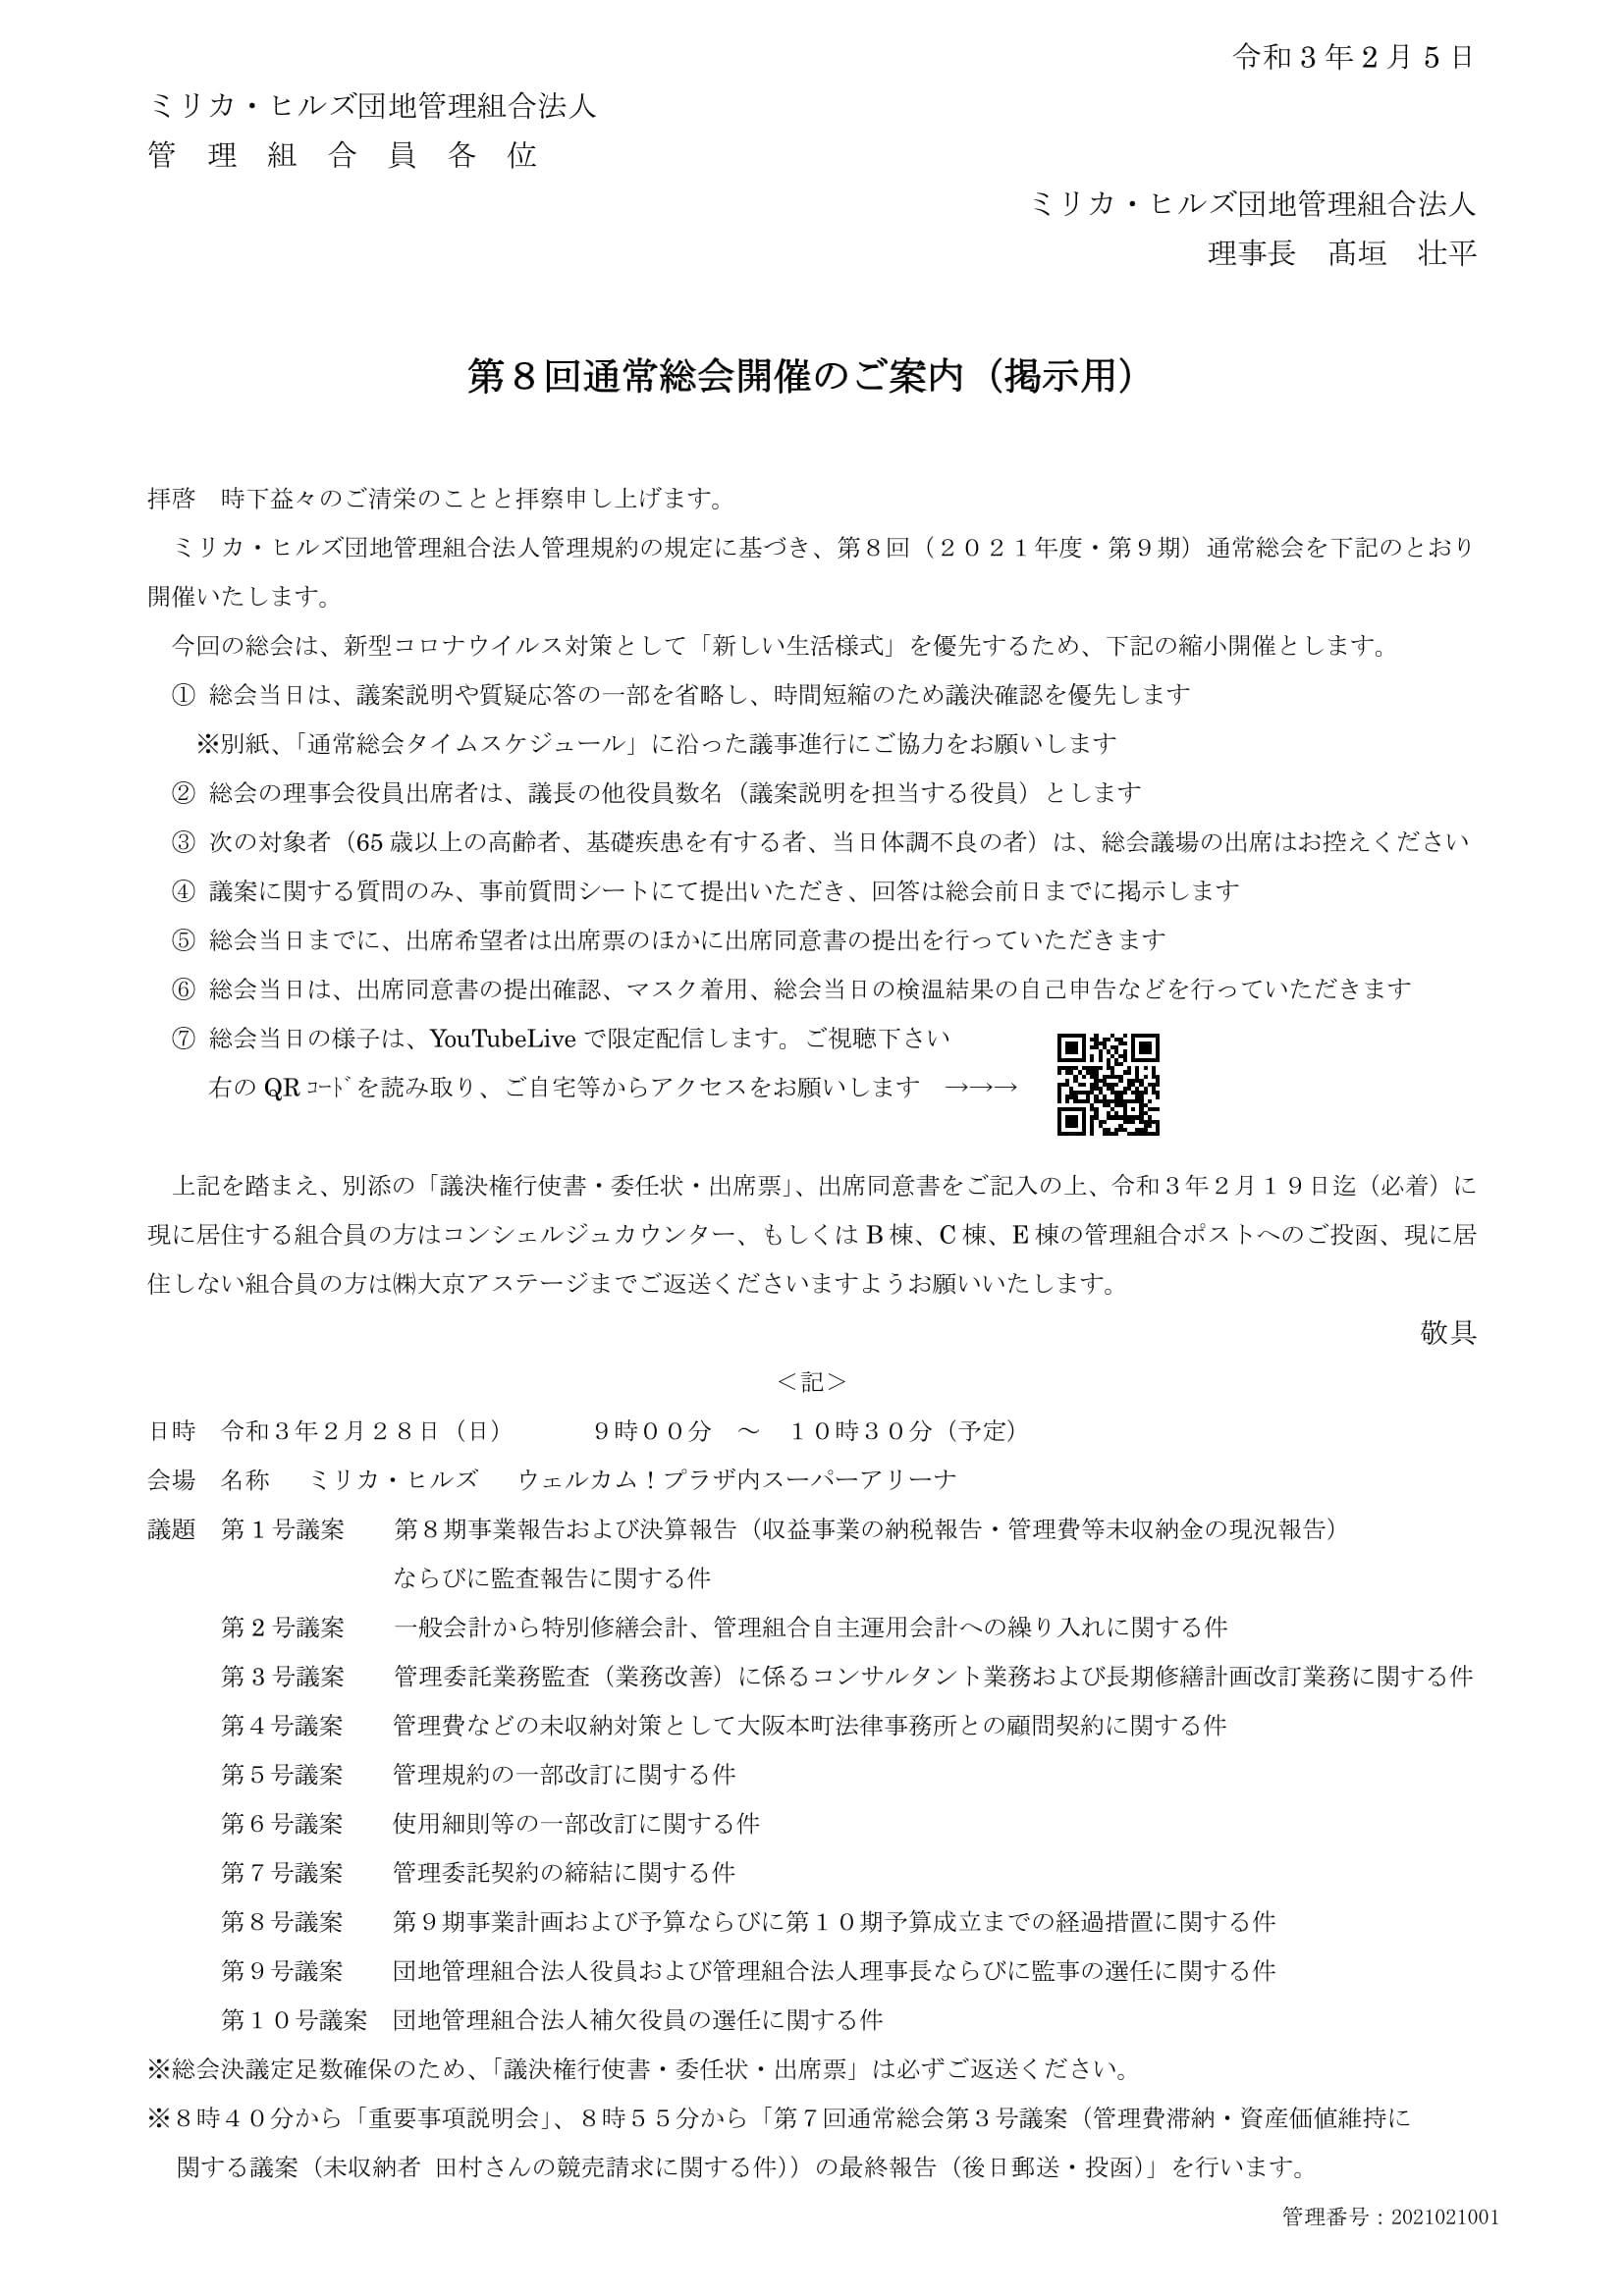 令和3年2月28日(日)に第8回通常総会を開催します。